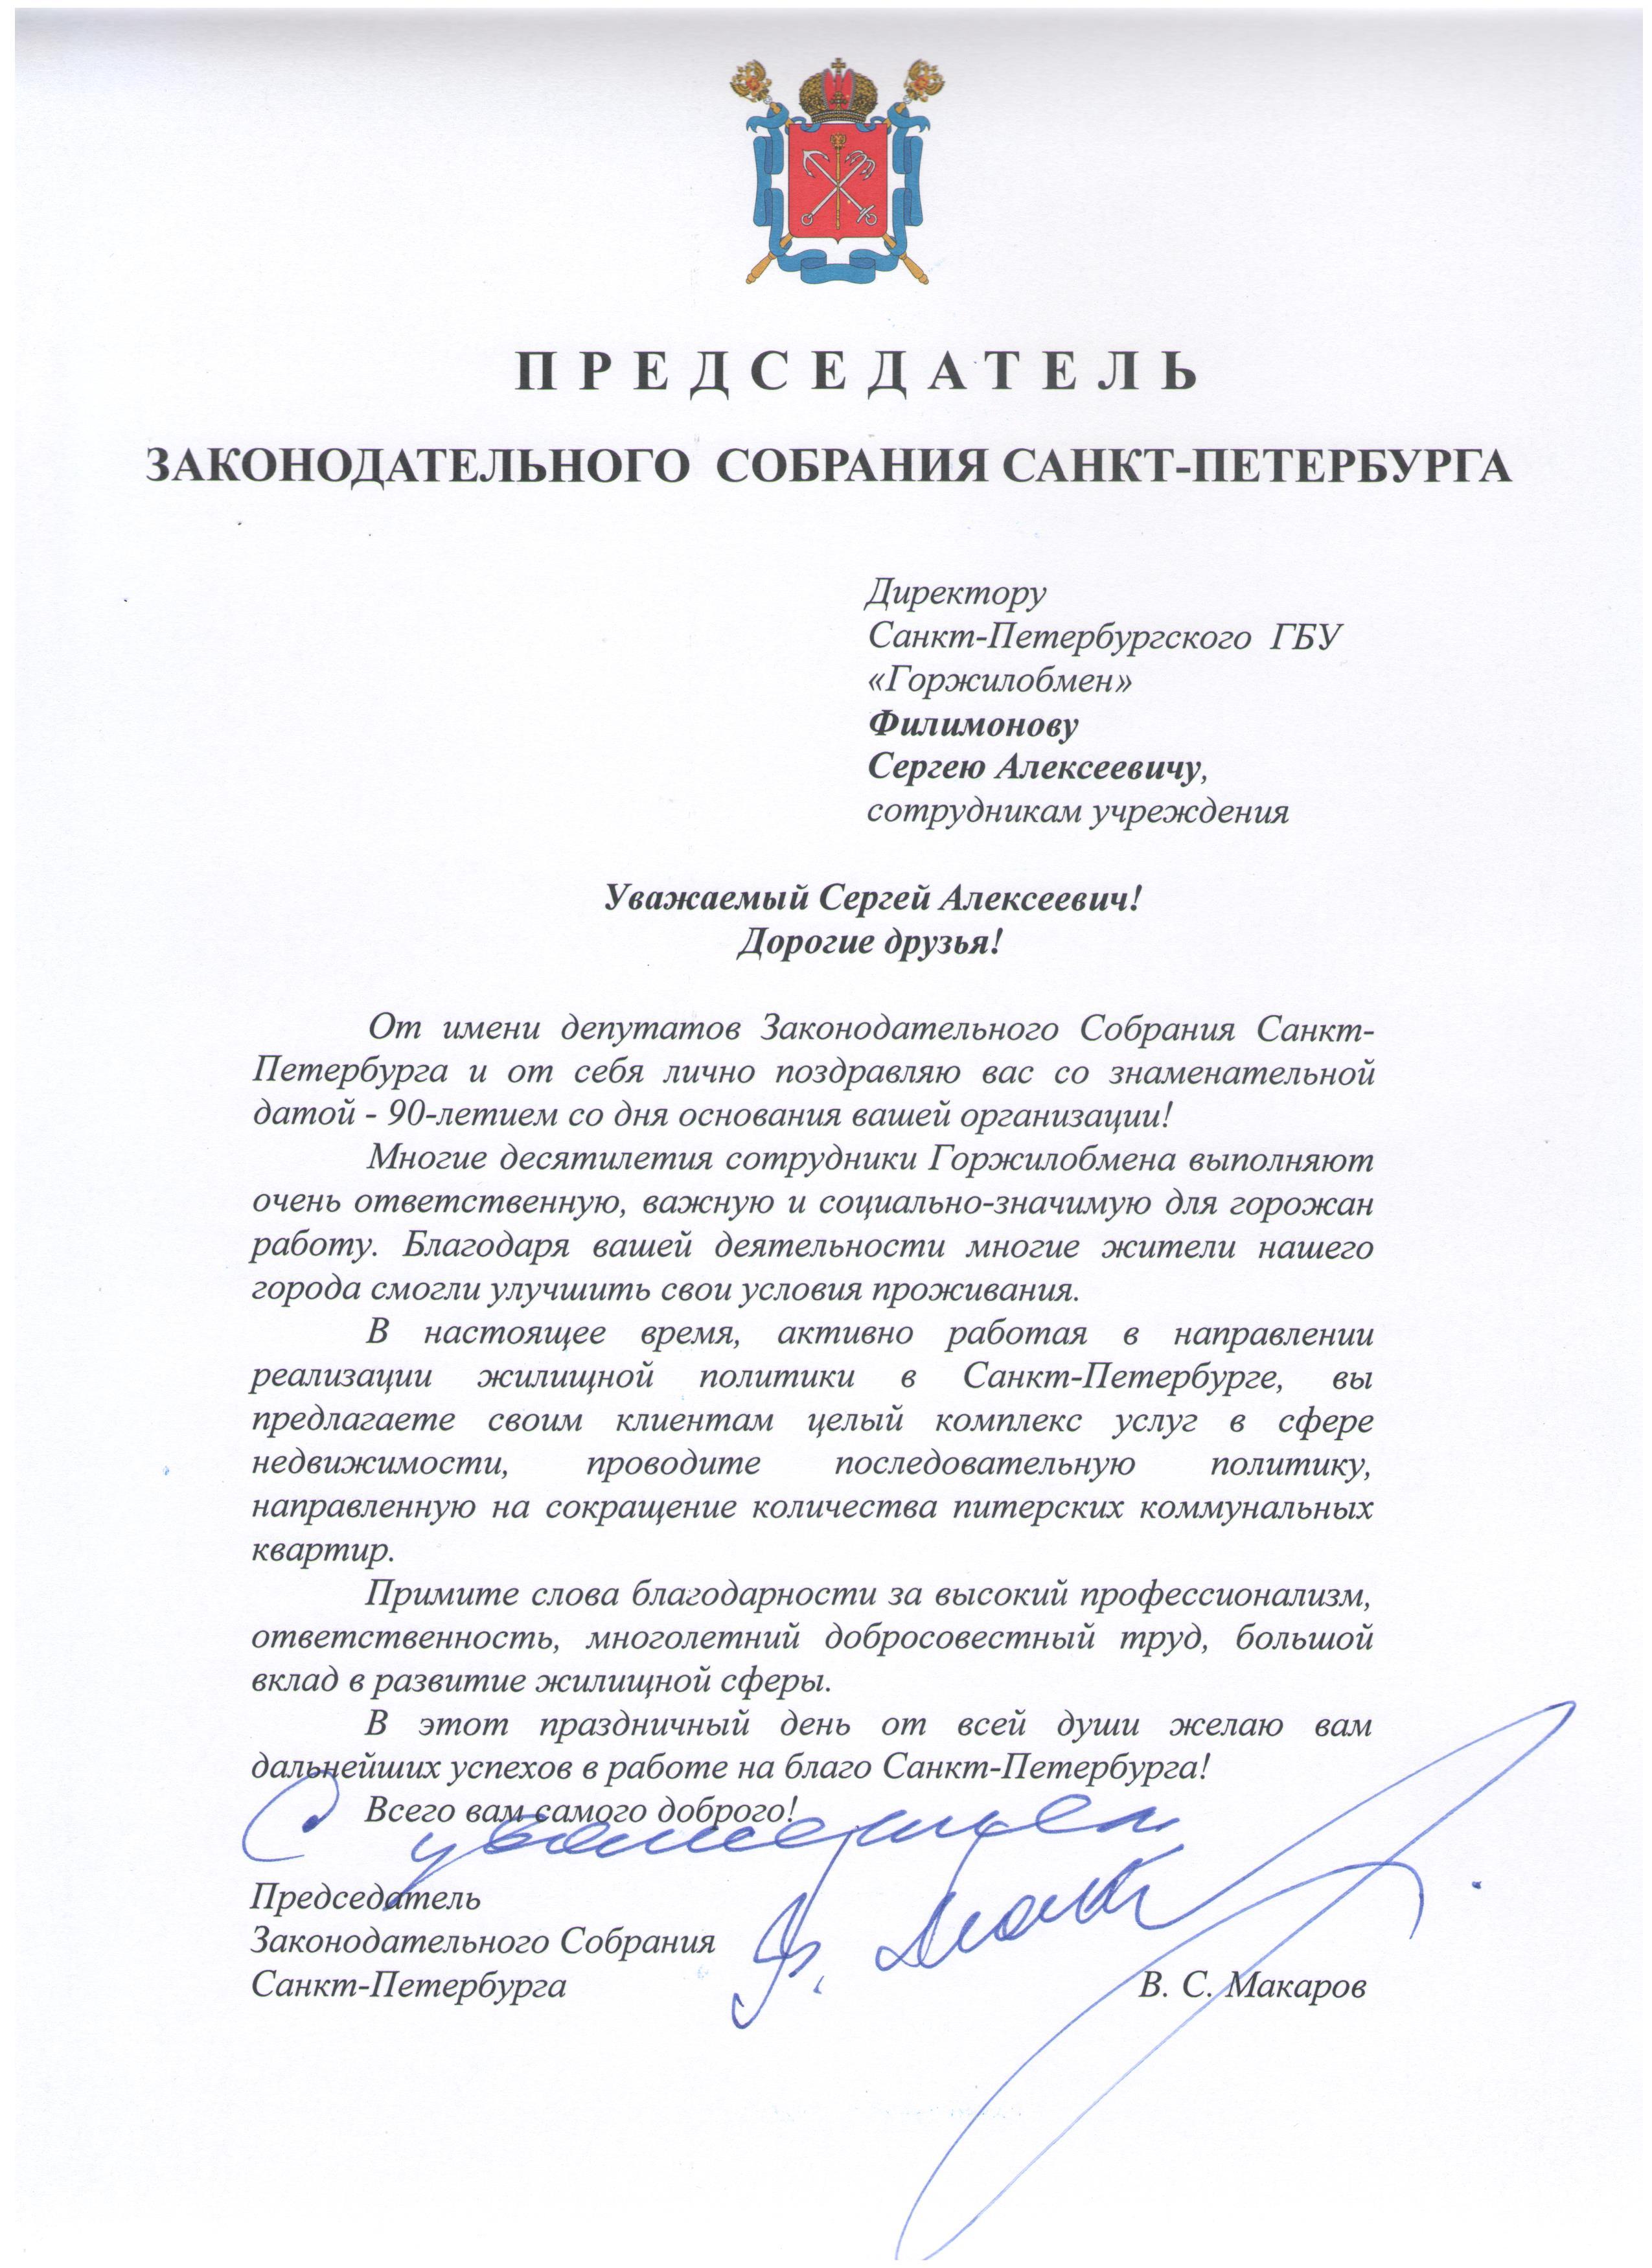 Поздравление законодательного собрания